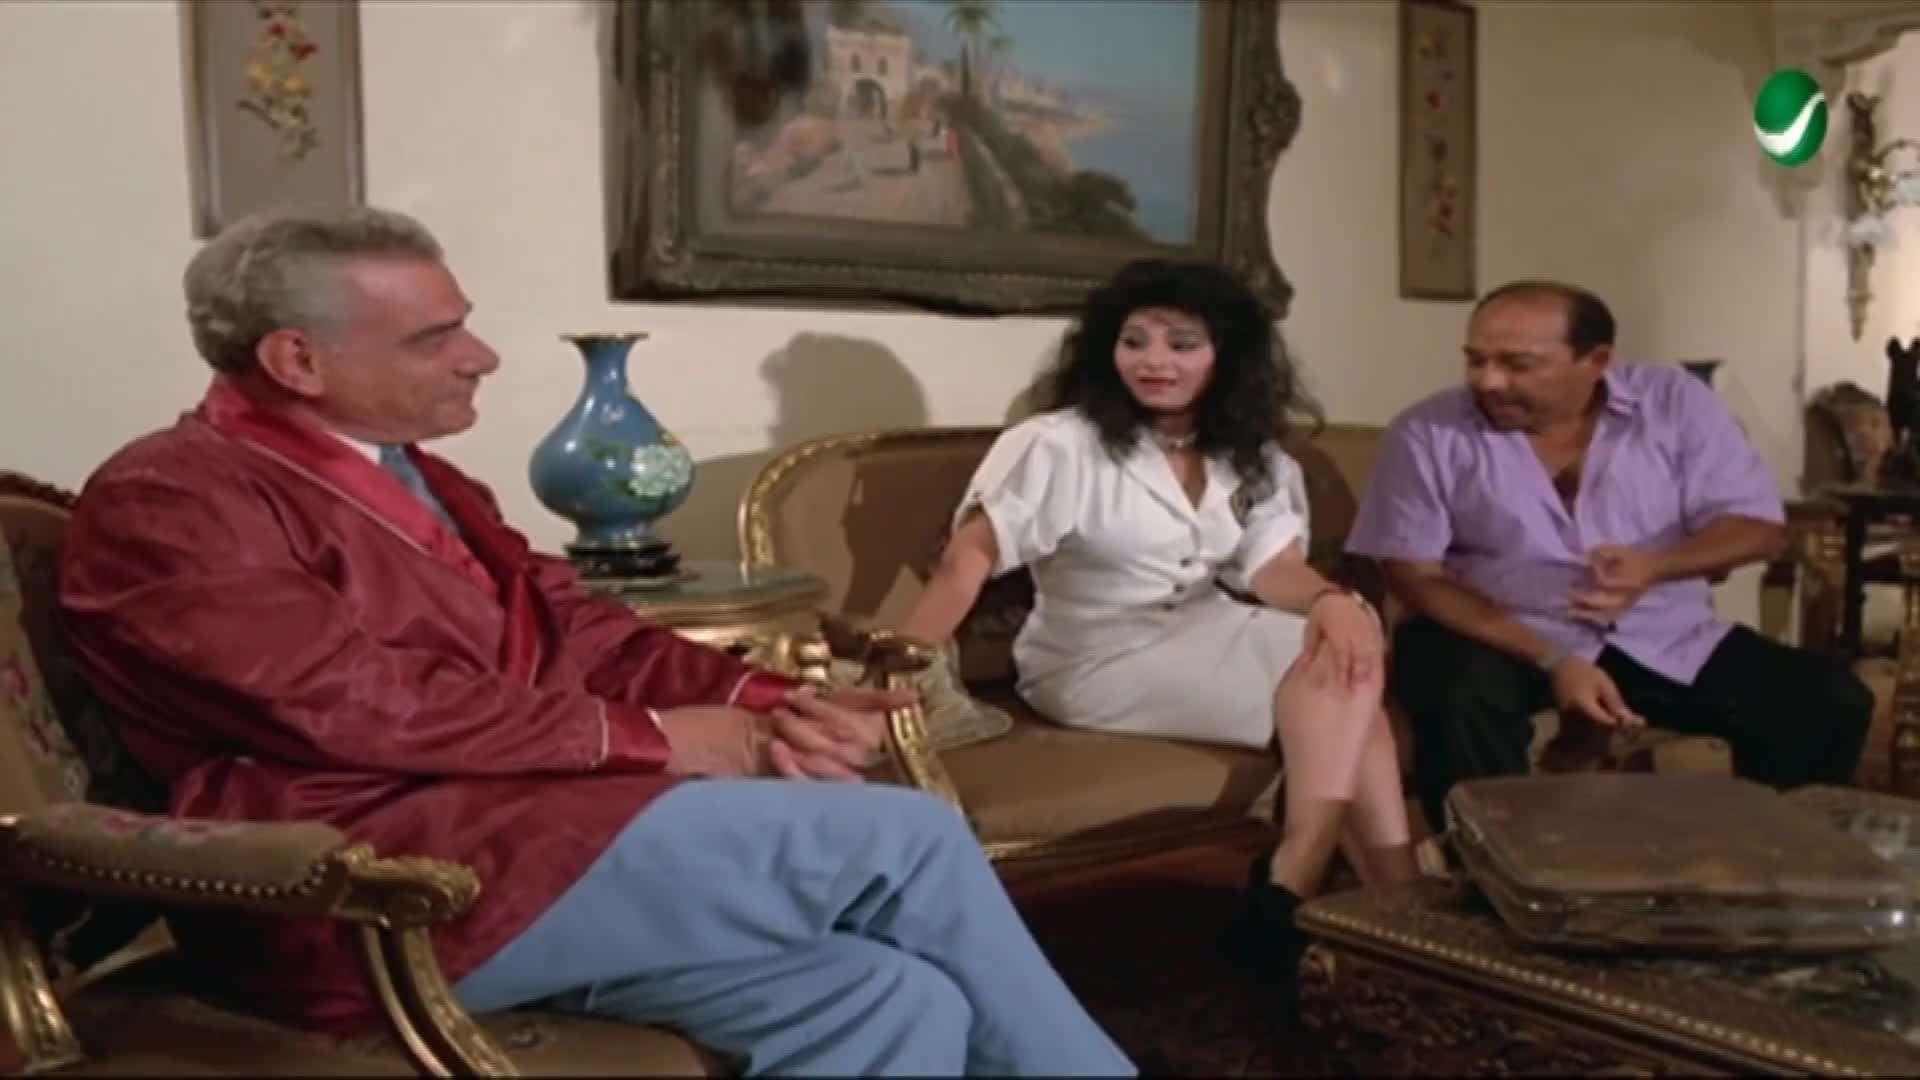 [فيلم][تورنت][تحميل][الجبلاوي][1991][1080p][Web-DL] 4 arabp2p.com